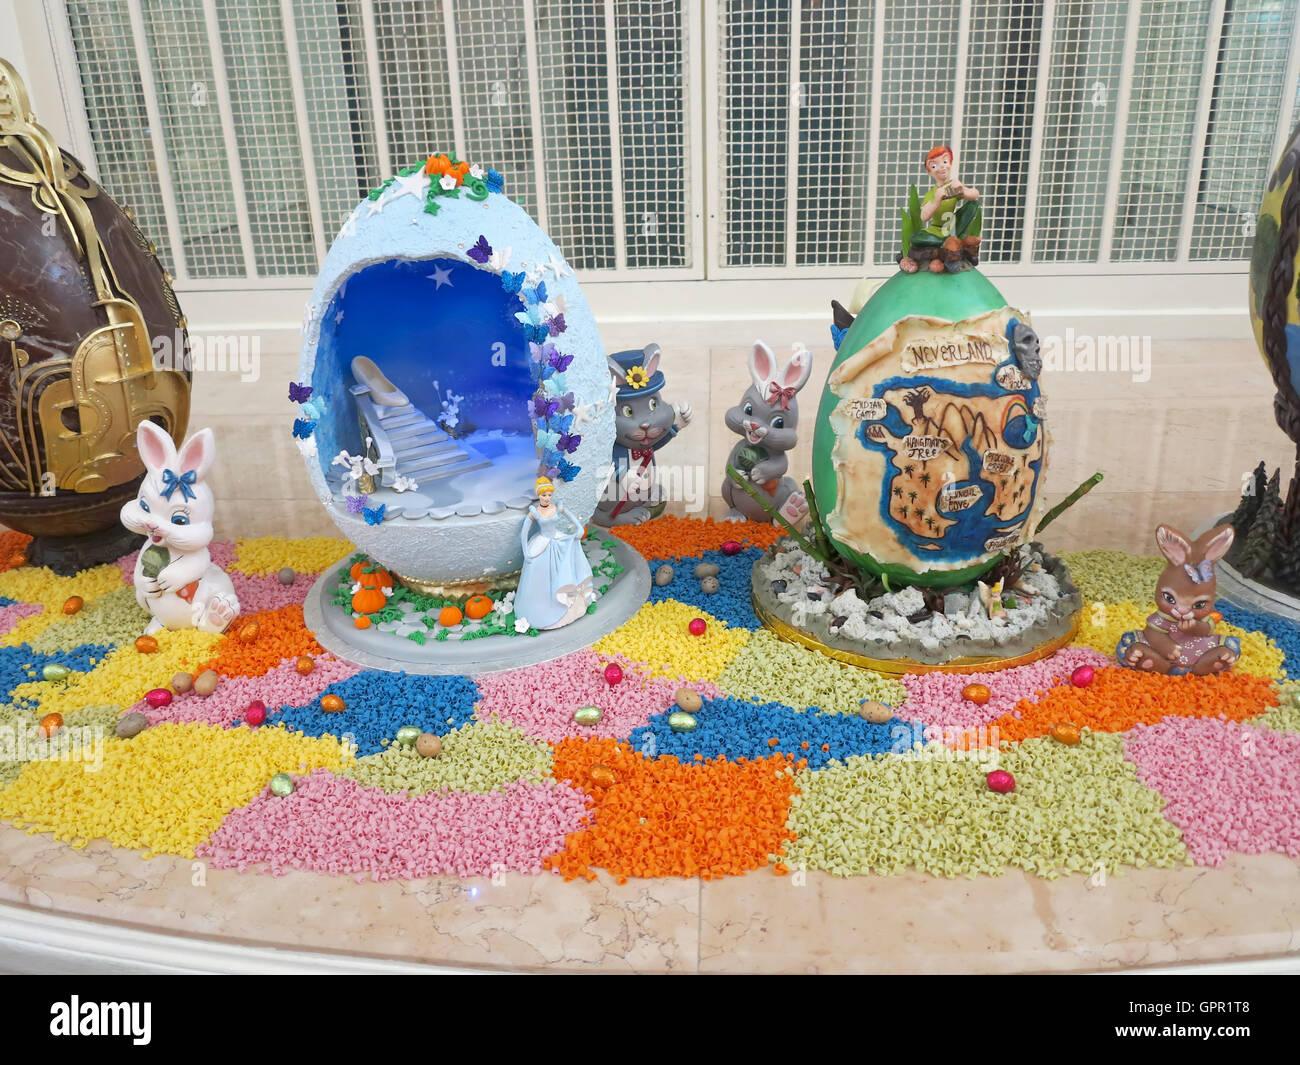 Les Oeufs De Pâques De Disneyu0027s Grand Floridian Œuf De Pâques, Tous Les  Faits Du Chocolat